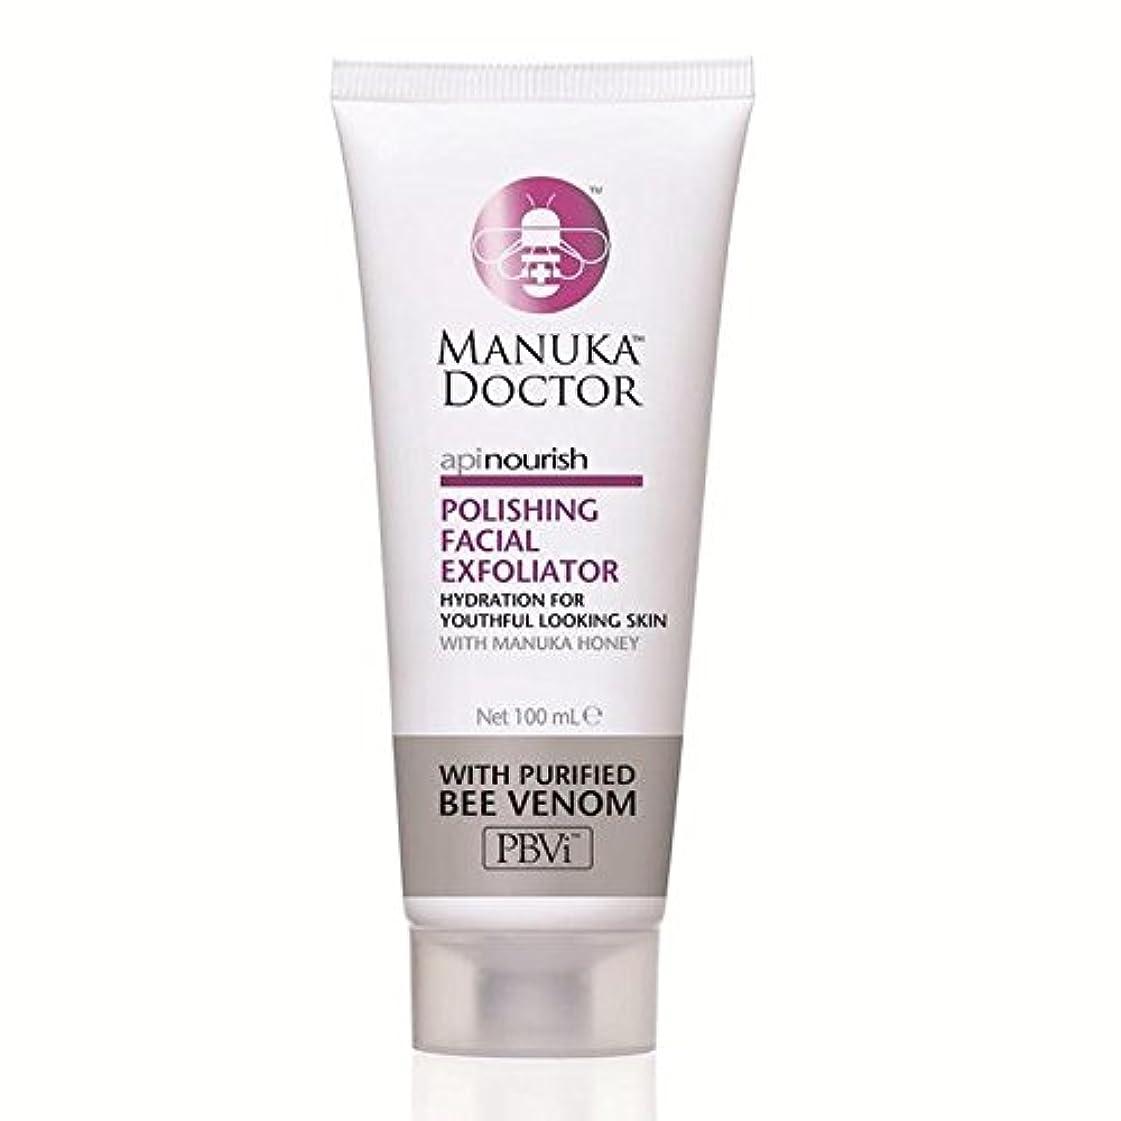 チャンス純粋な予防接種するManuka Doctor Api Nourish Polishing Facial Exfoliator 100ml - マヌカドクターフェイシャルエクスフォリエーターの100ミリリットルを研磨養います [並行輸入品]